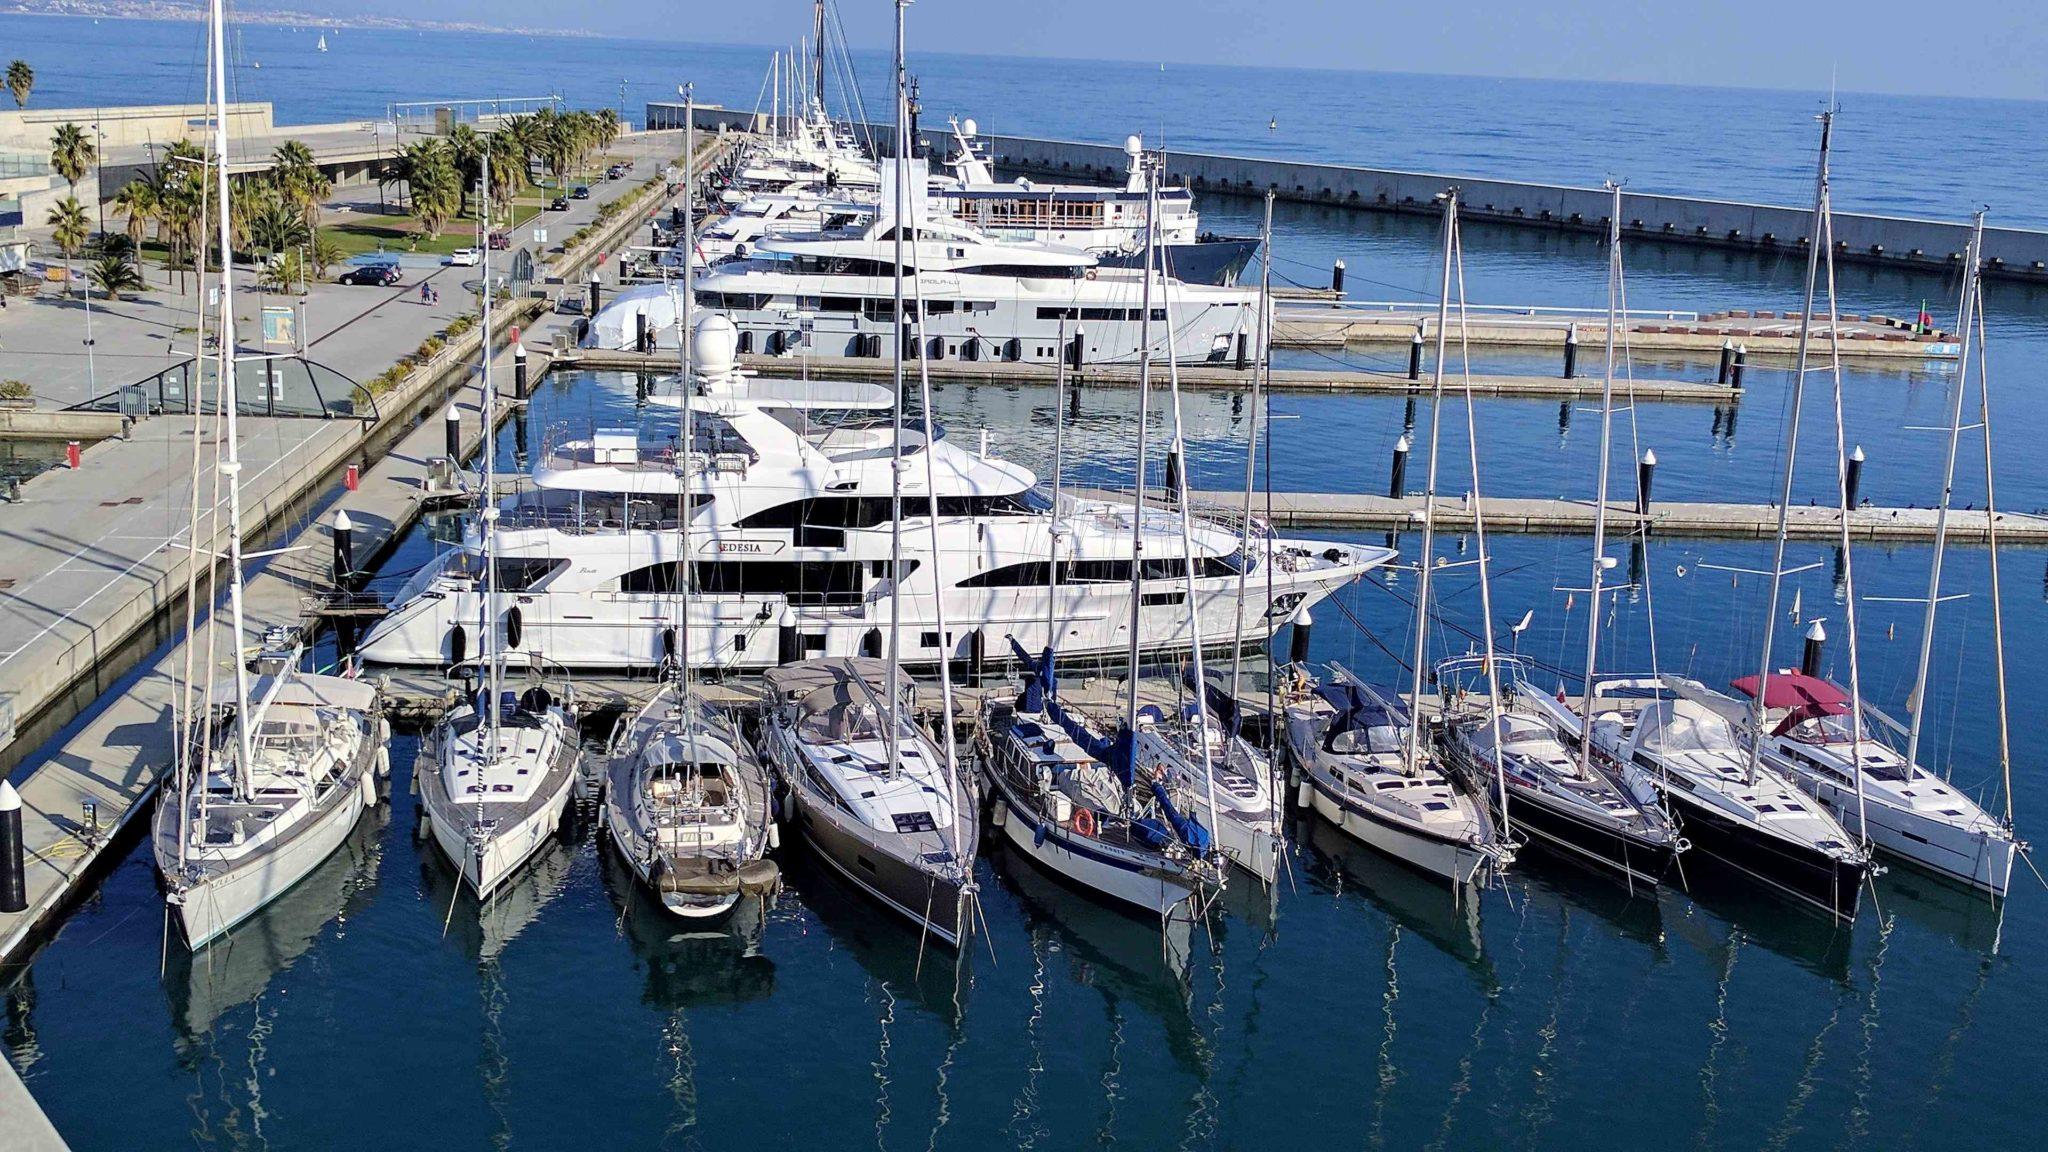 Daños por responsabilidad civil en puertos deportivos y marinas